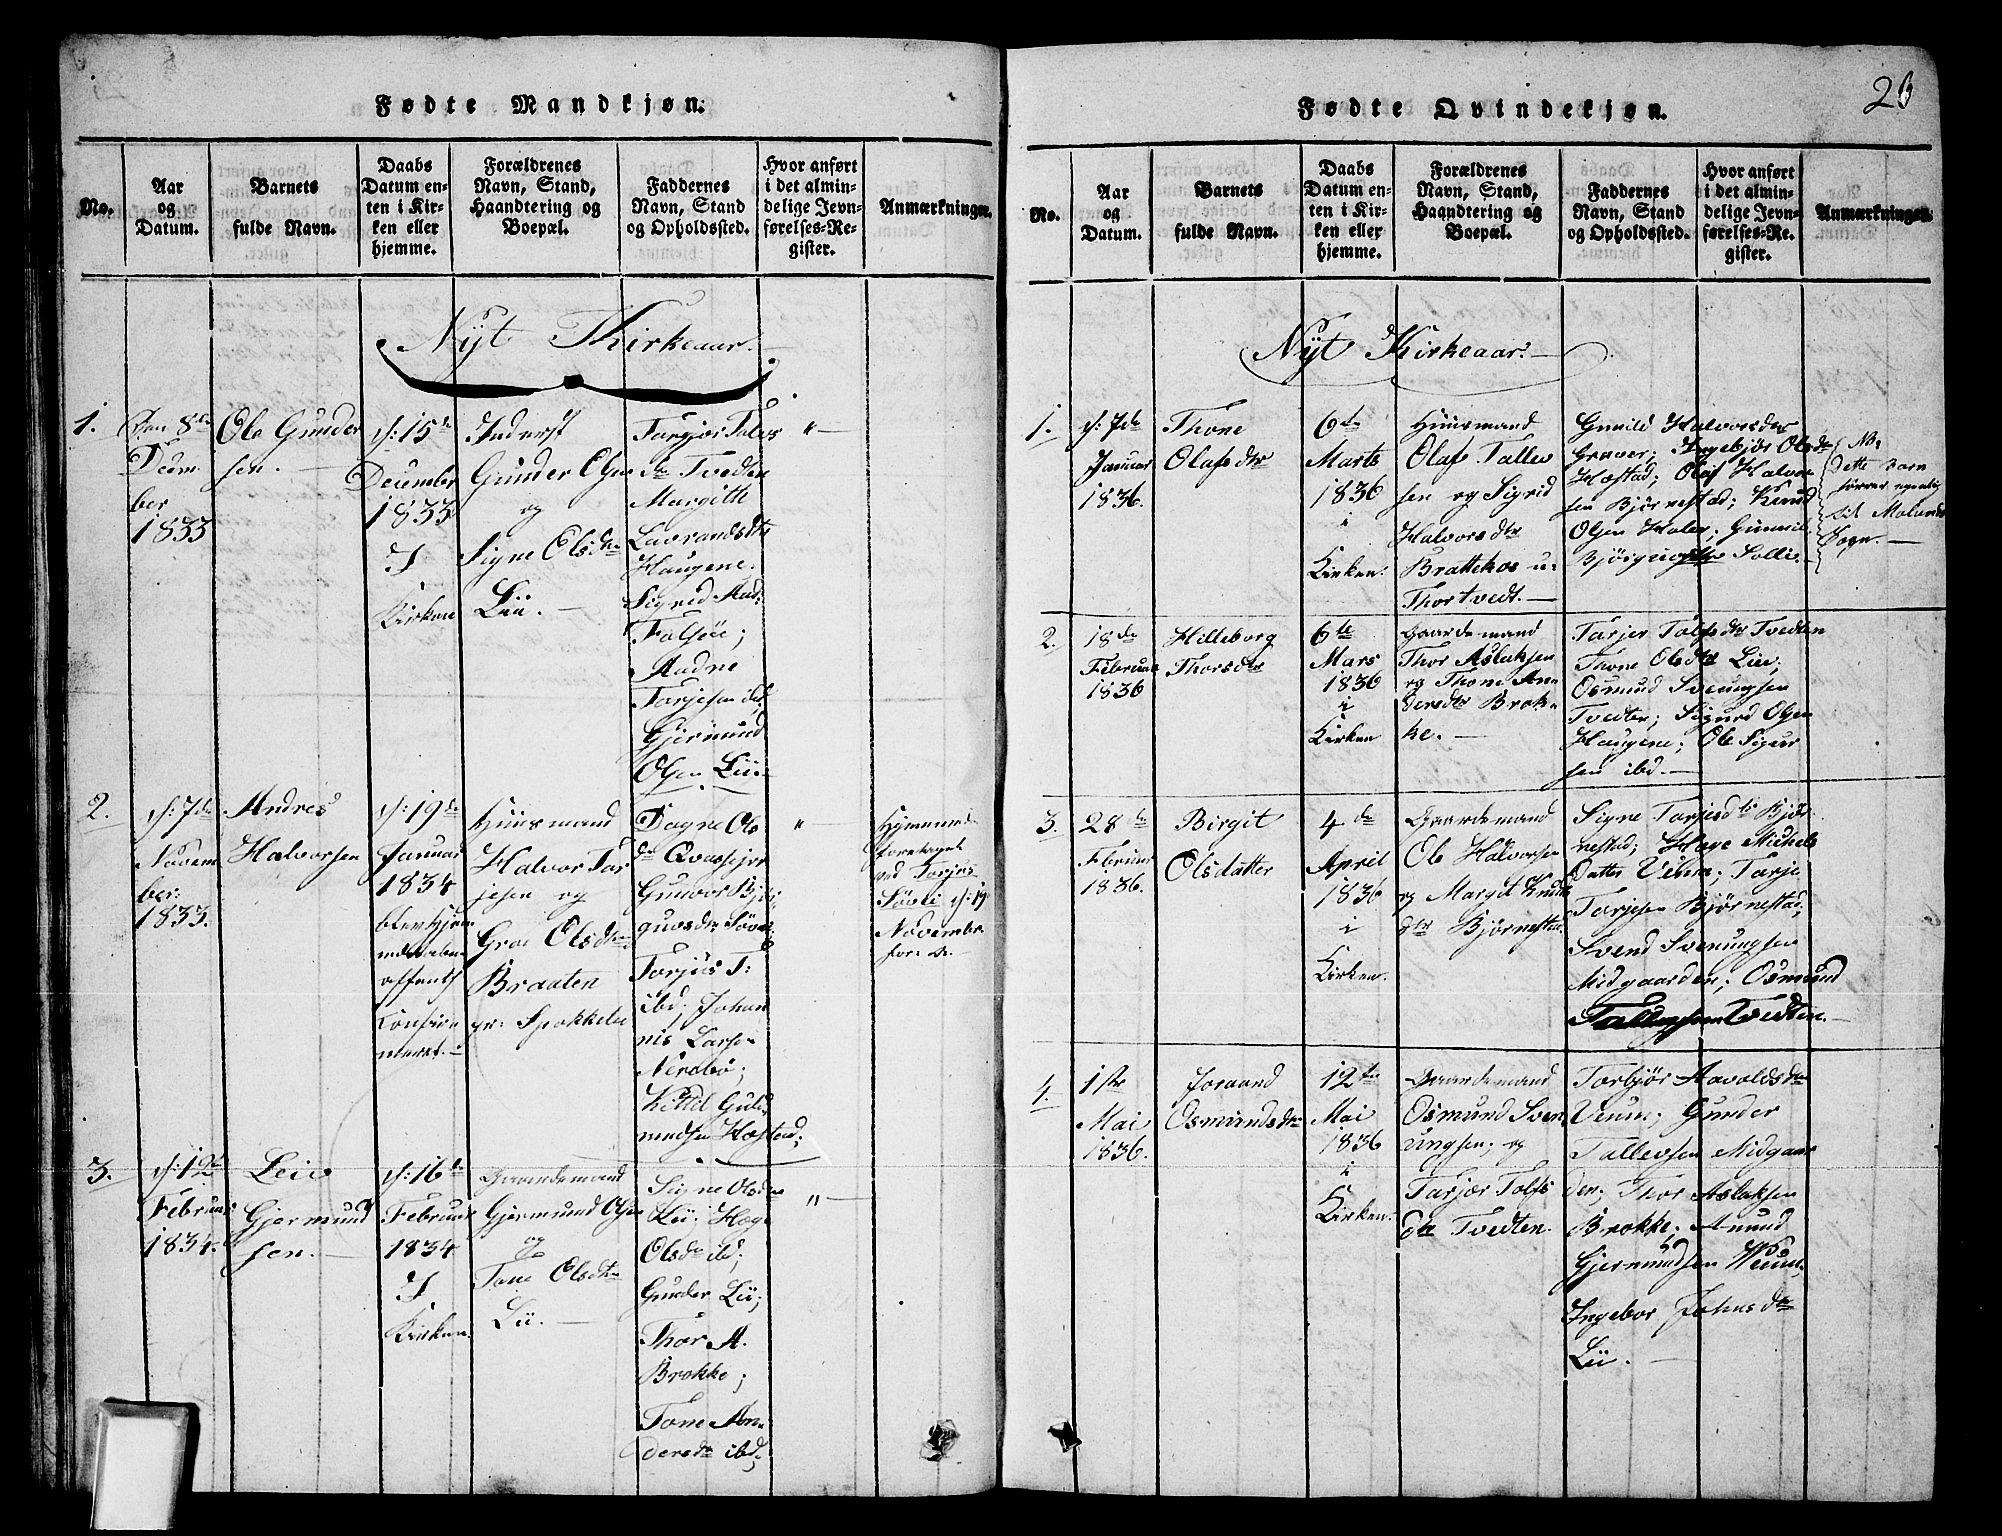 SAKO, Fyresdal kirkebøker, G/Ga/L0003: Klokkerbok nr. I 3, 1815-1863, s. 26